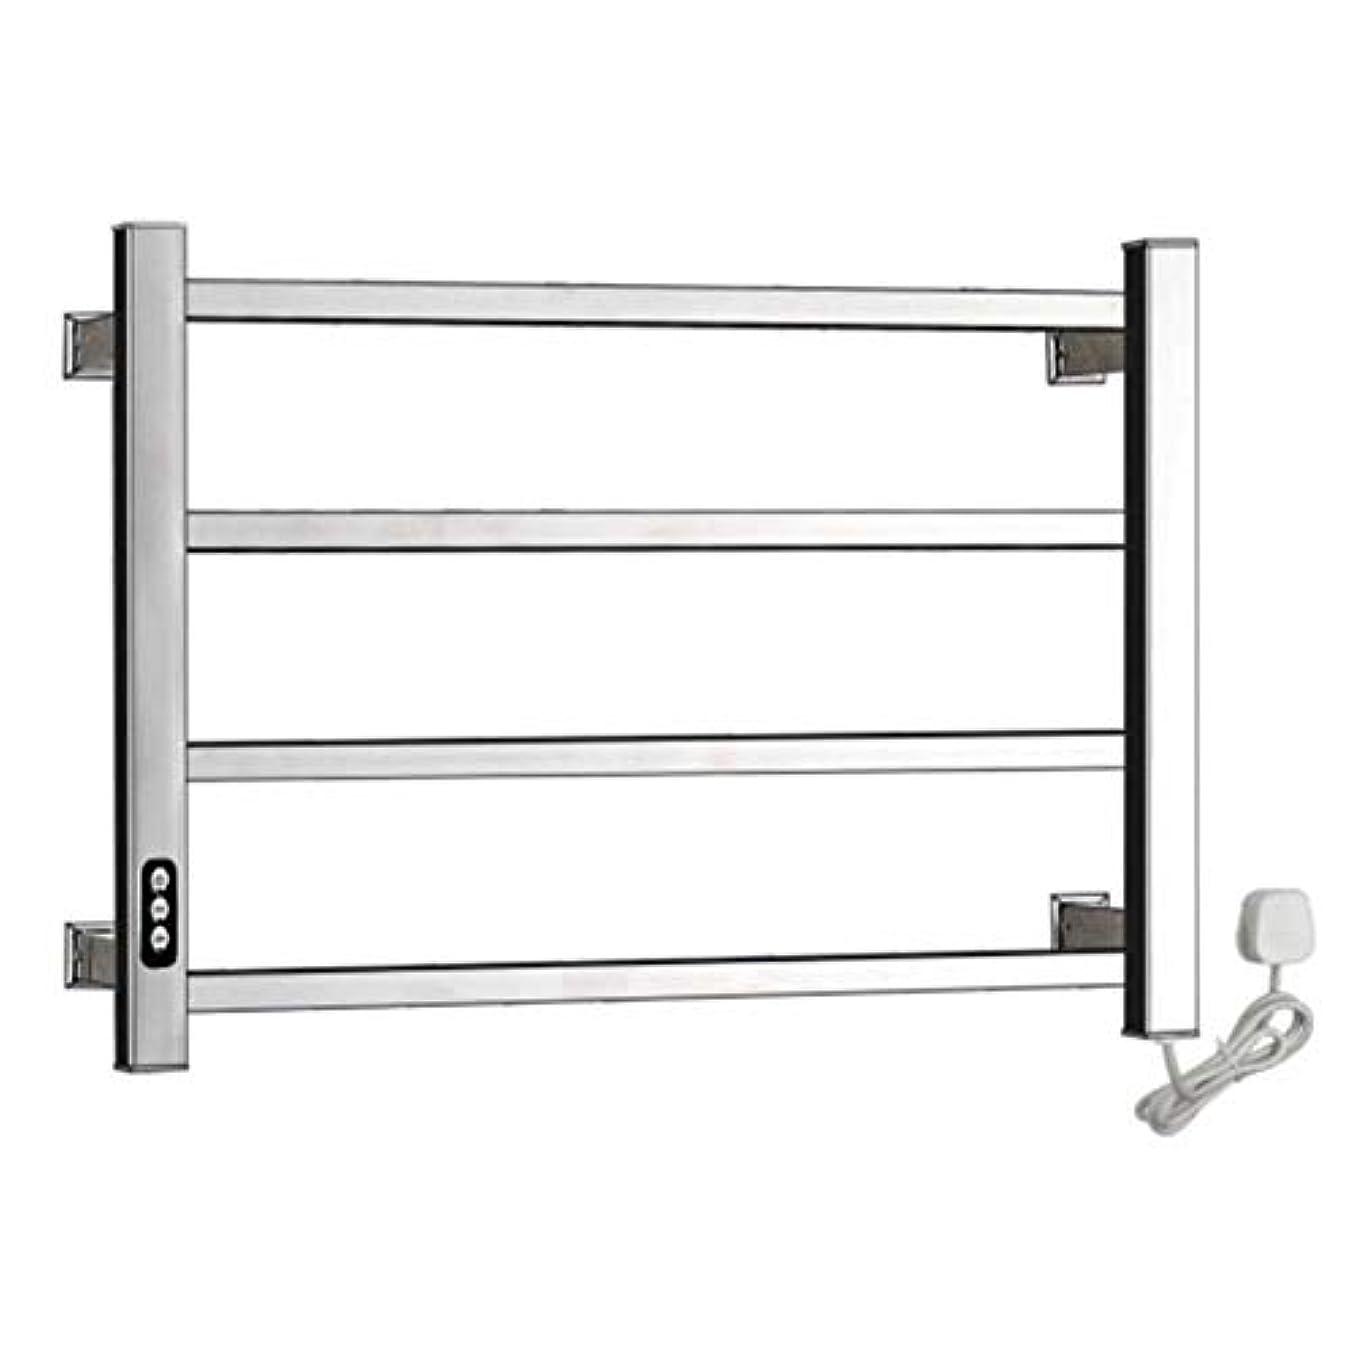 ひばり求める彼の304ステンレス鋼電気タオルウォーマー、加熱タオルラックラジエーター、壁掛け式浴室乾燥ラック、恒温乾燥、防水および防錆、450X600X110mm